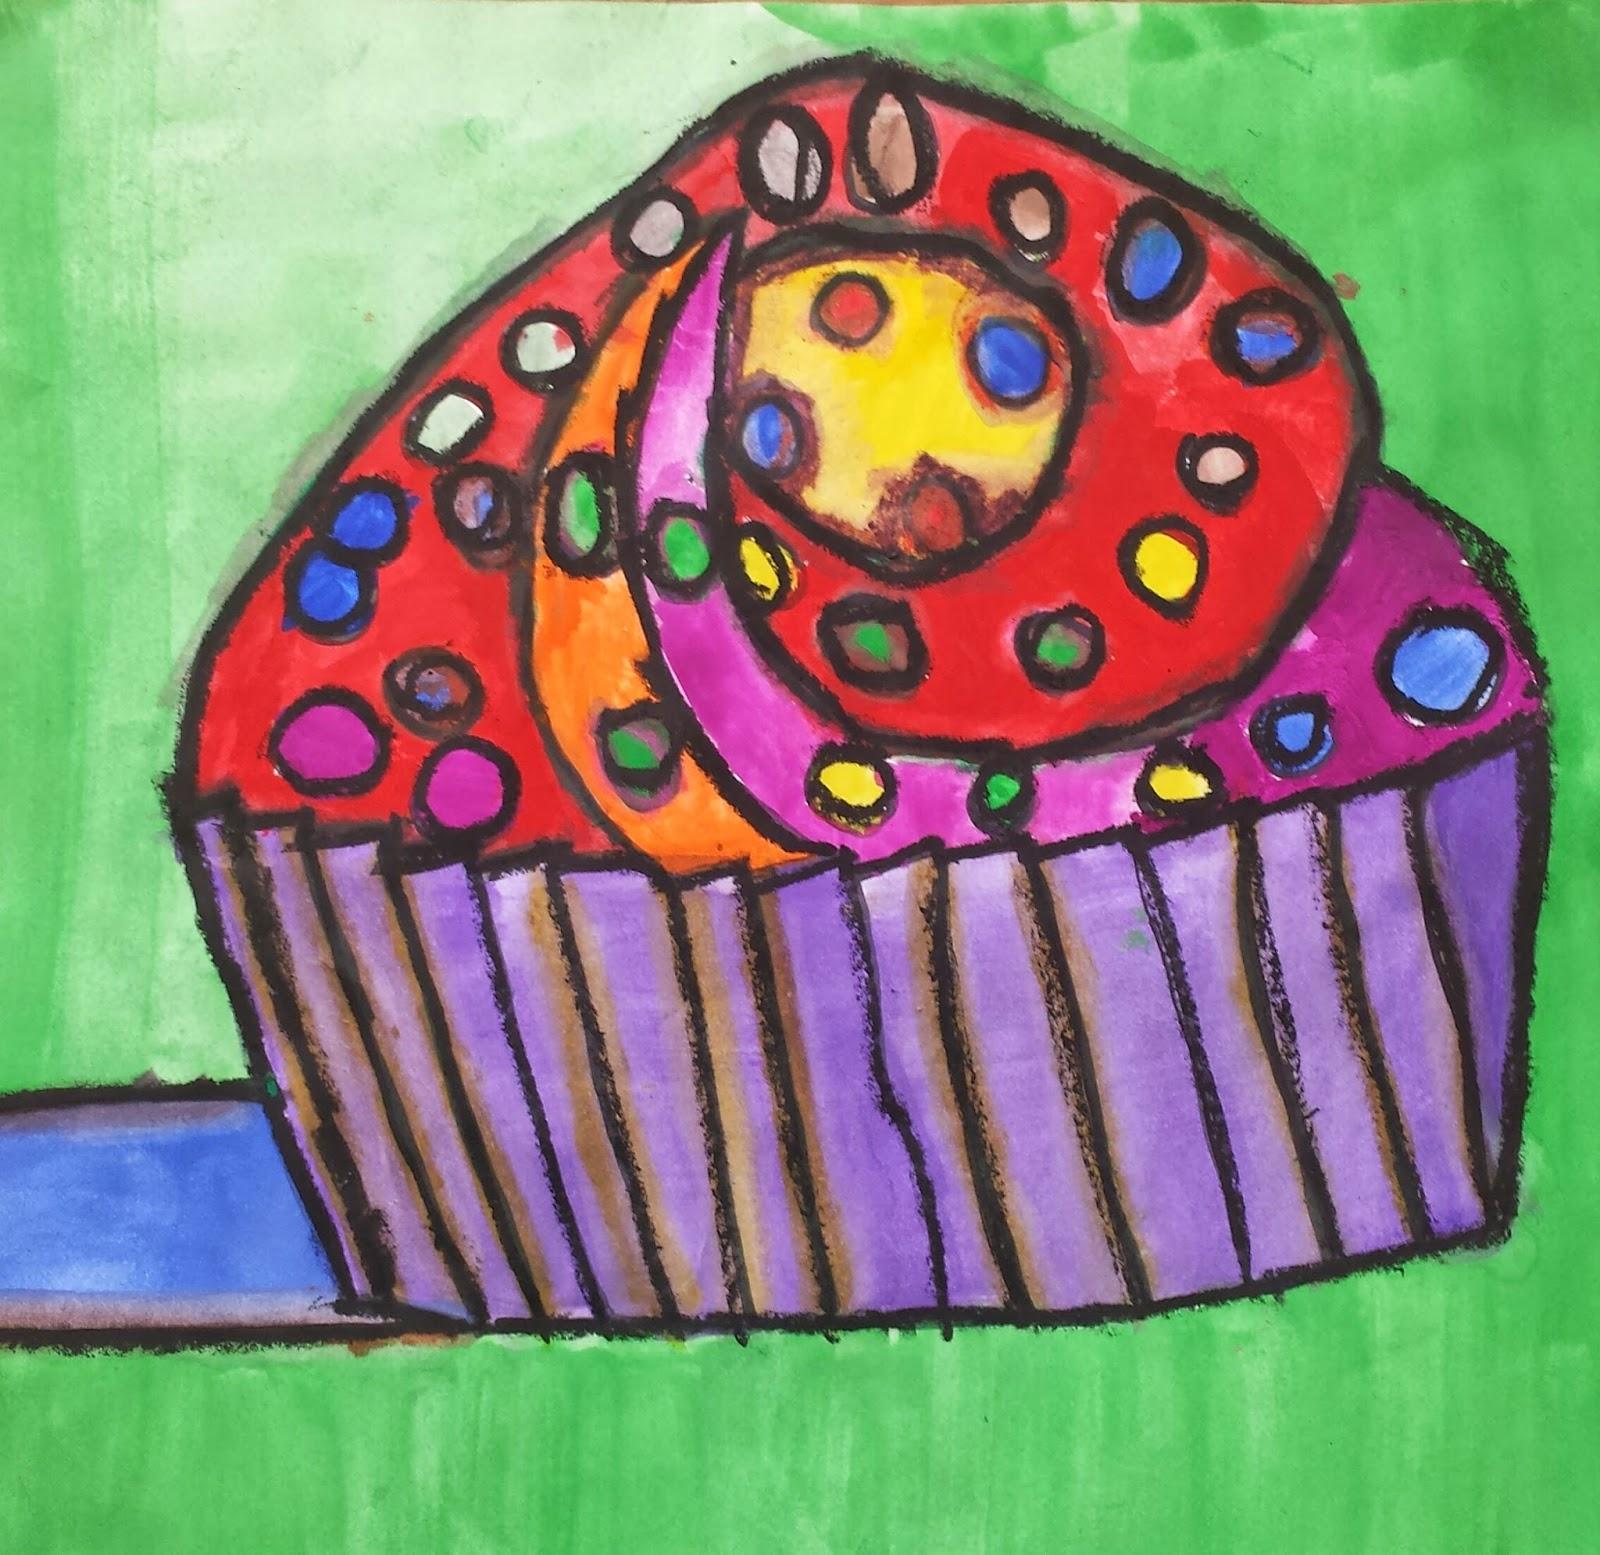 Ms. Allen s Art Room: Thiebaud Cupcakes